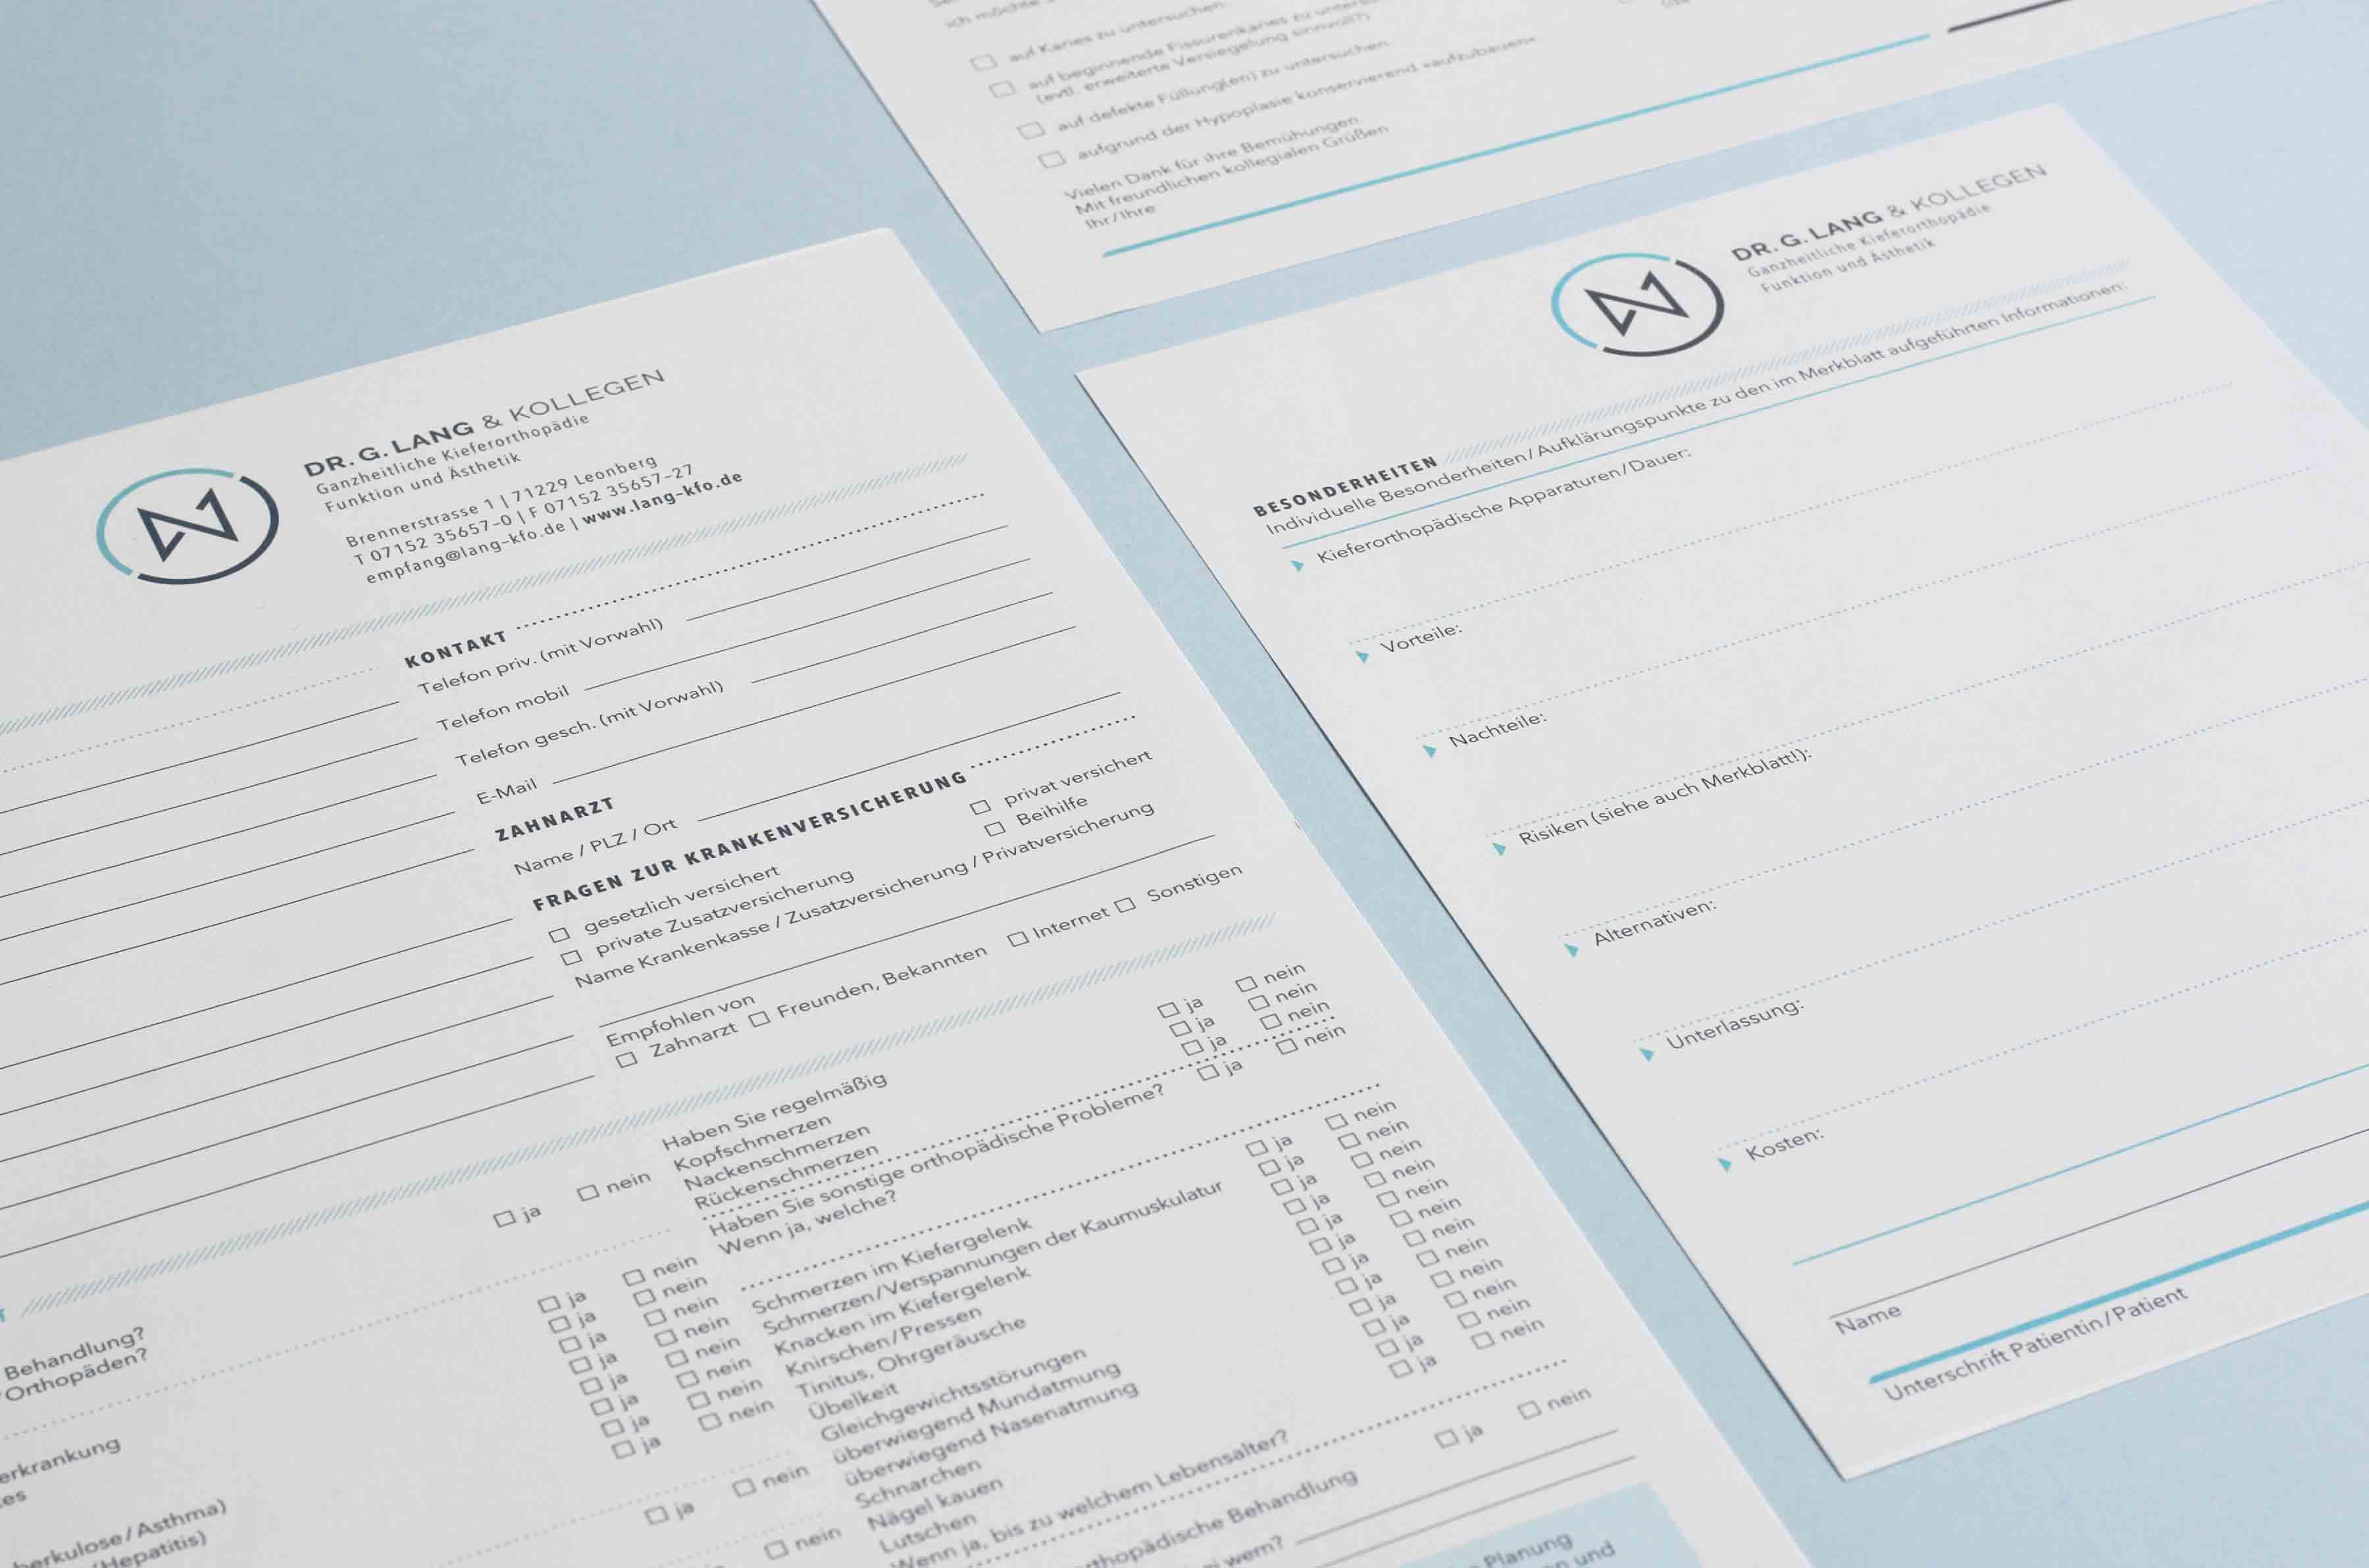 Dr. Lang Kieferorthopäde Formulare Design